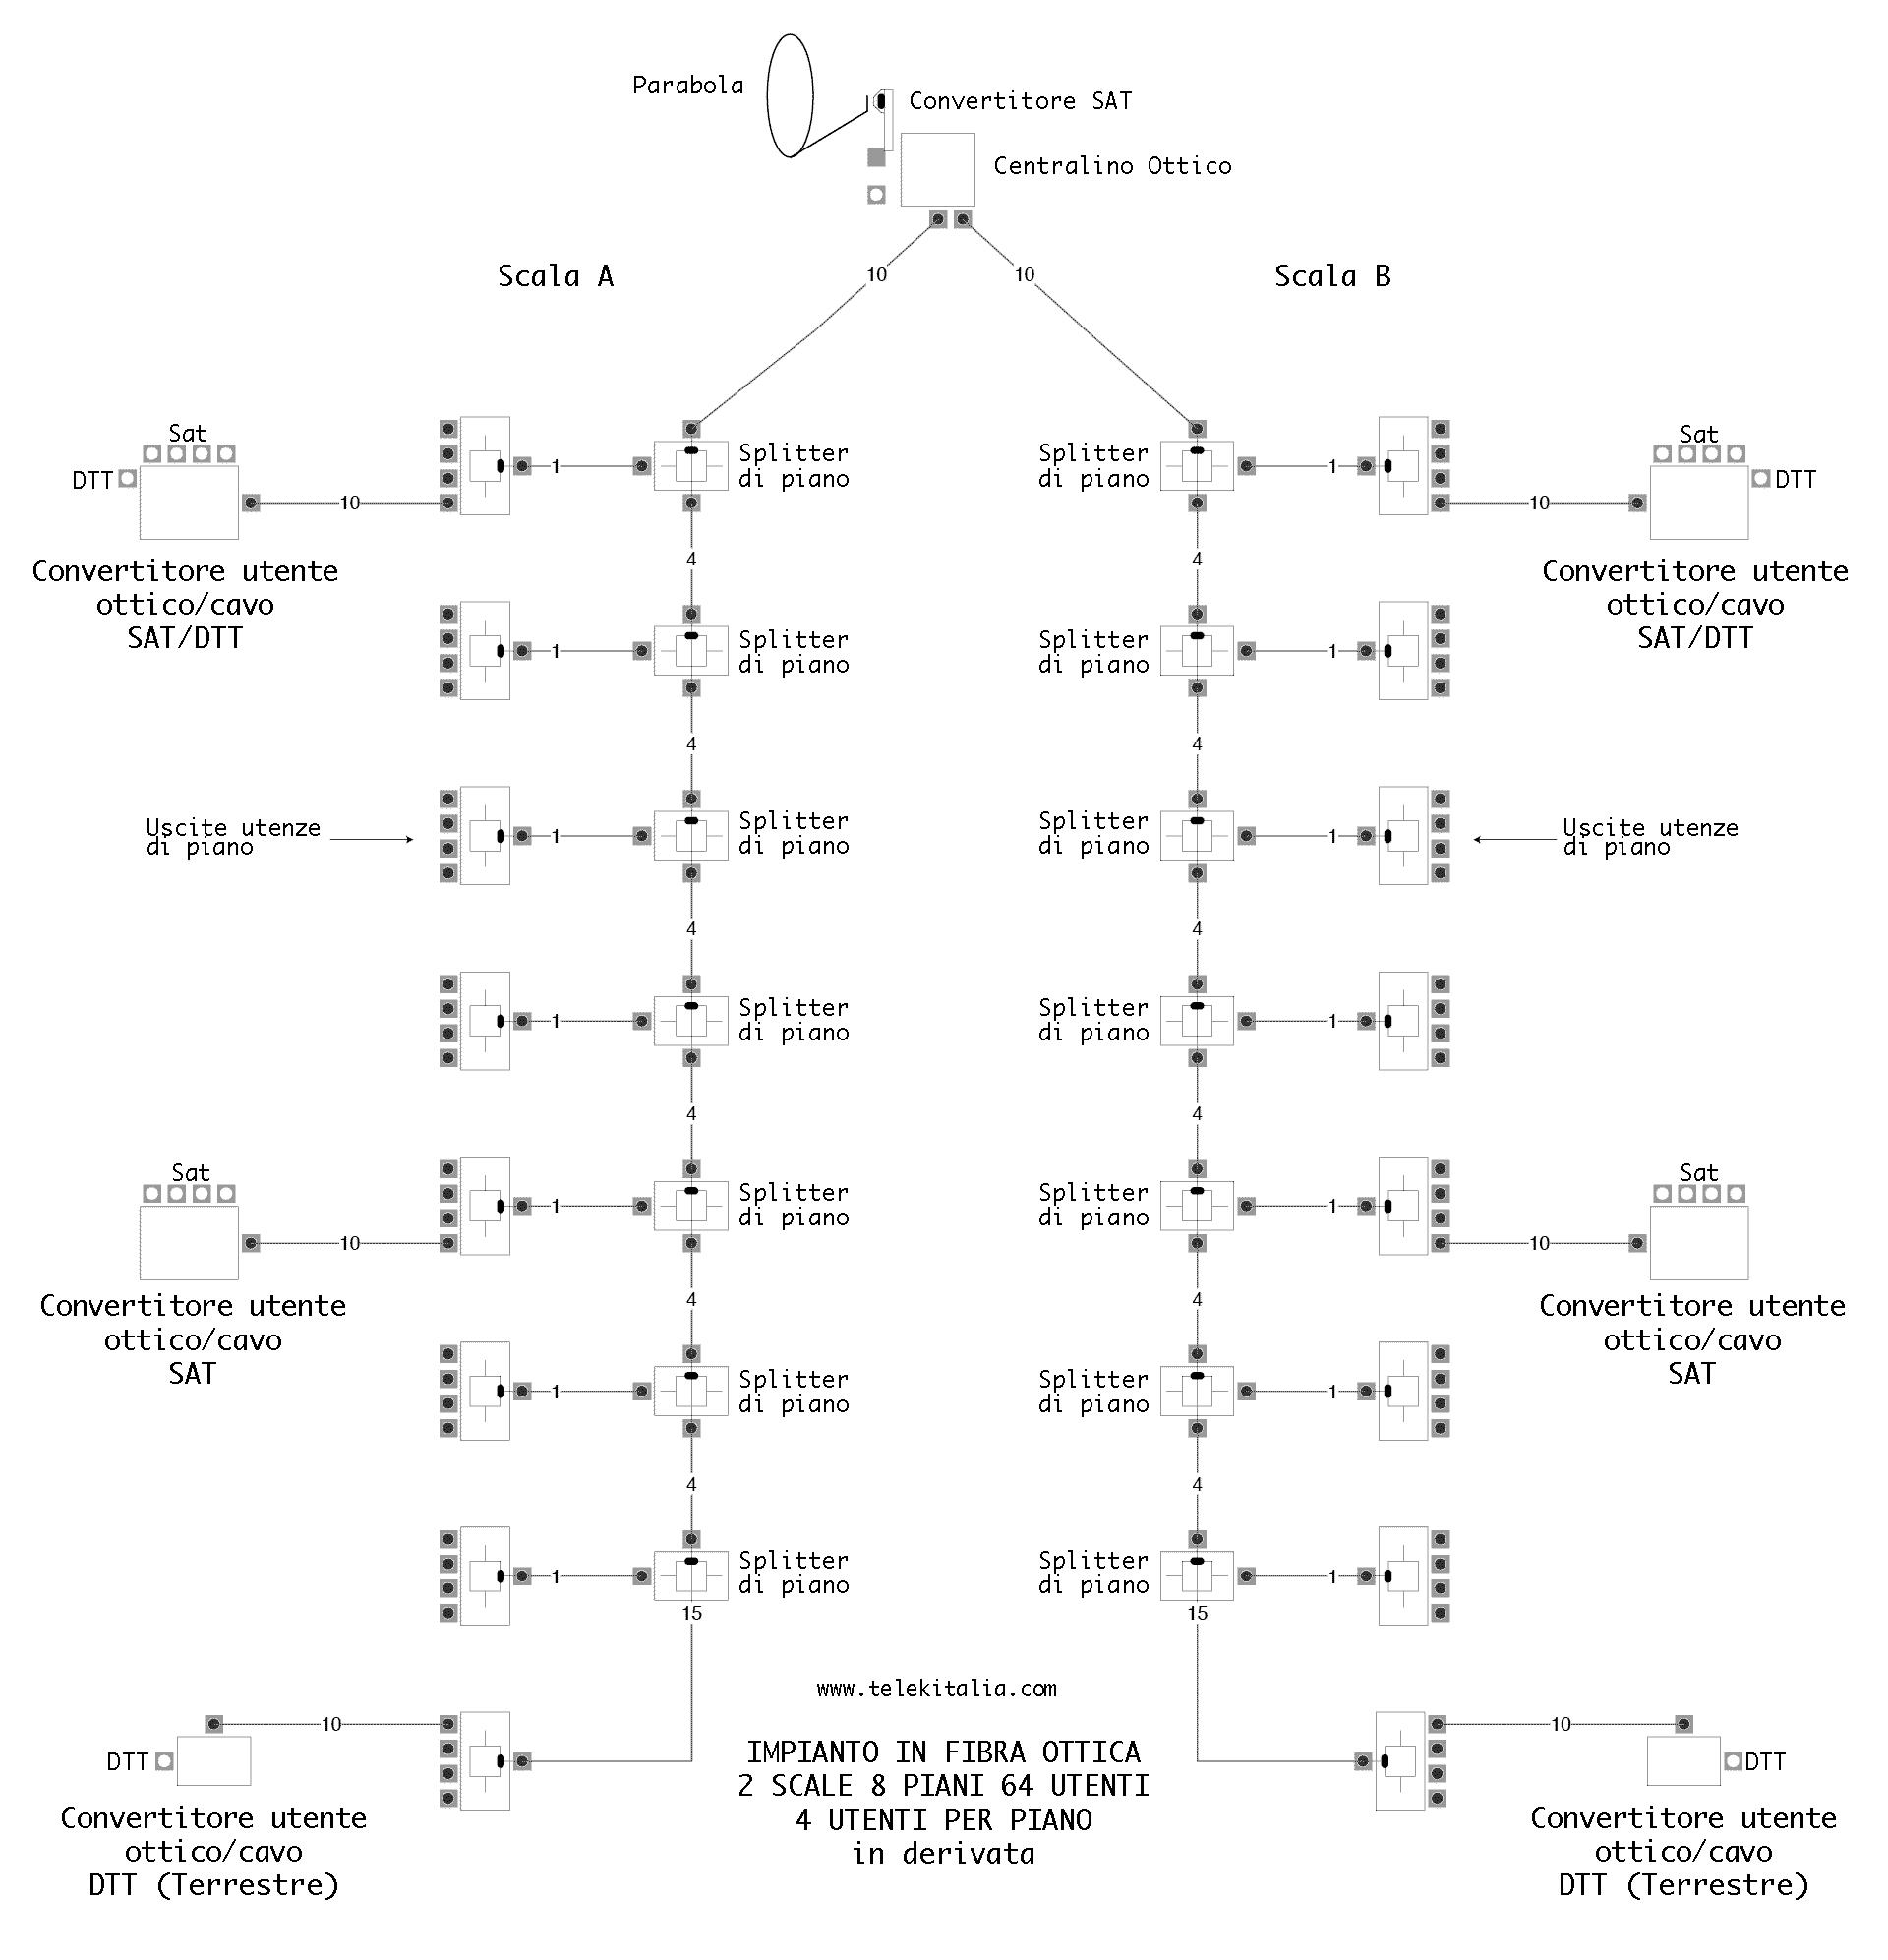 Schema impianto condominiale in fibra ottica in derivata